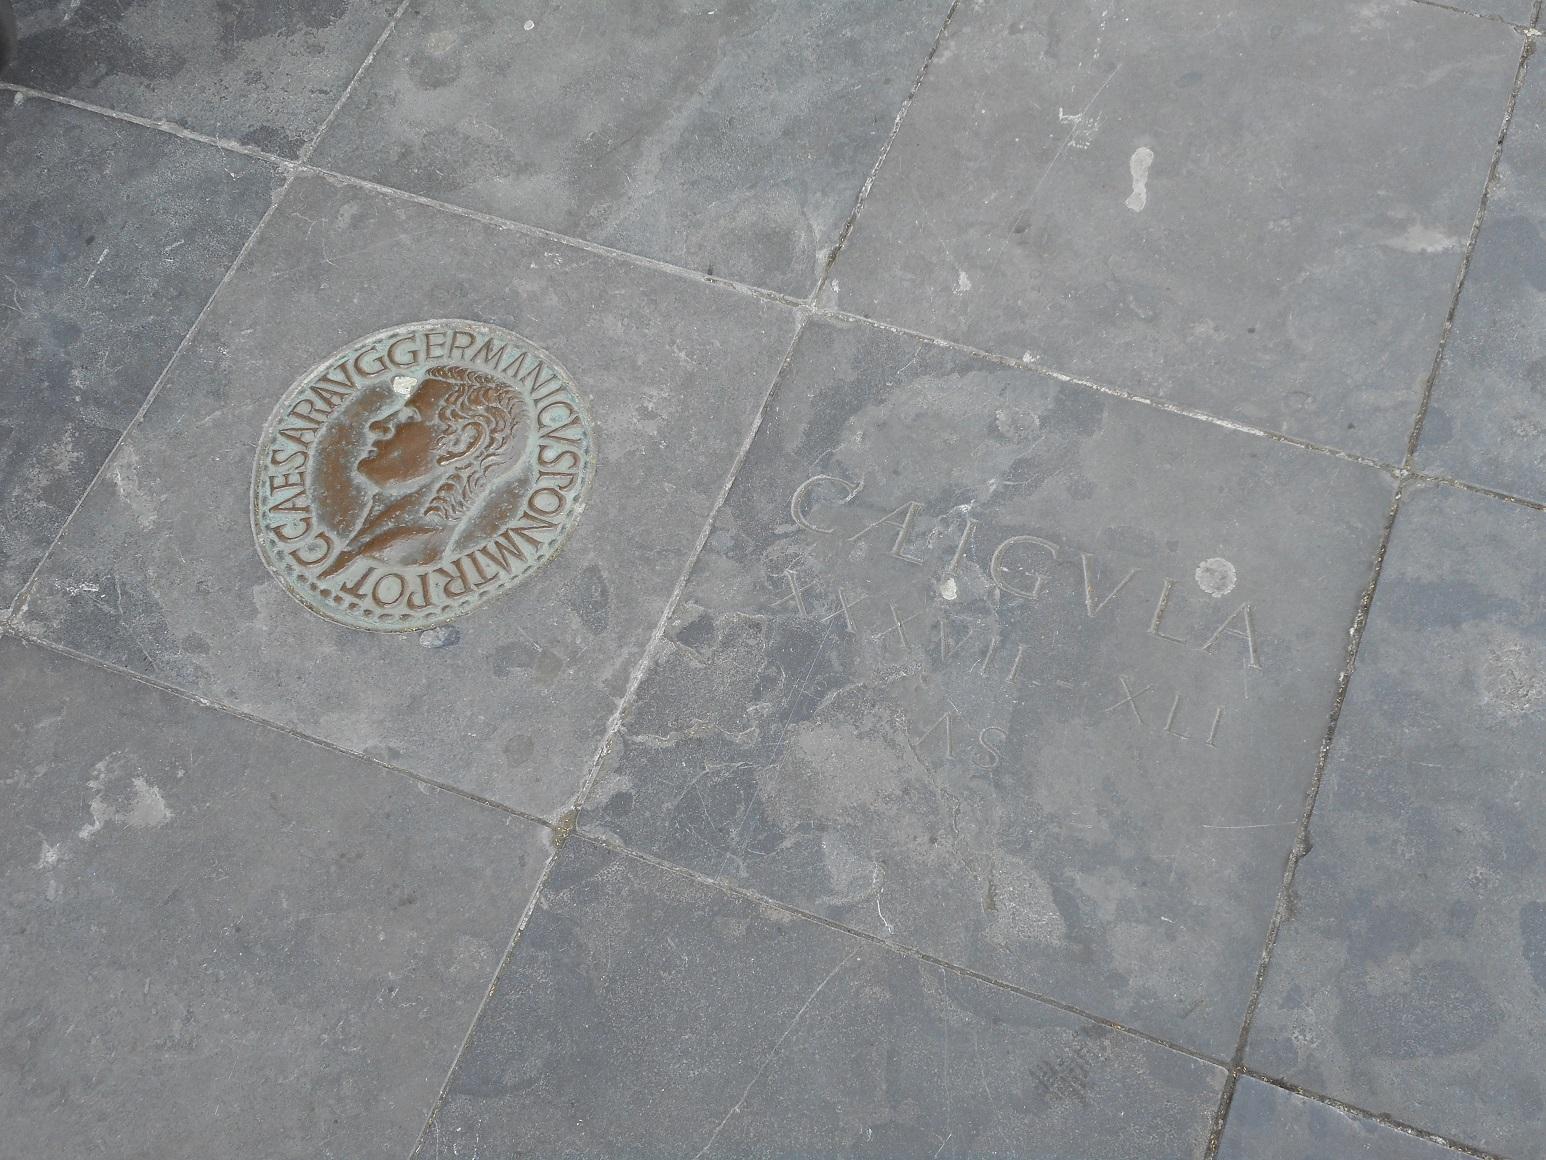 Replica van een Romeinse munt van Caligula op het Rijnplein in Alphen.